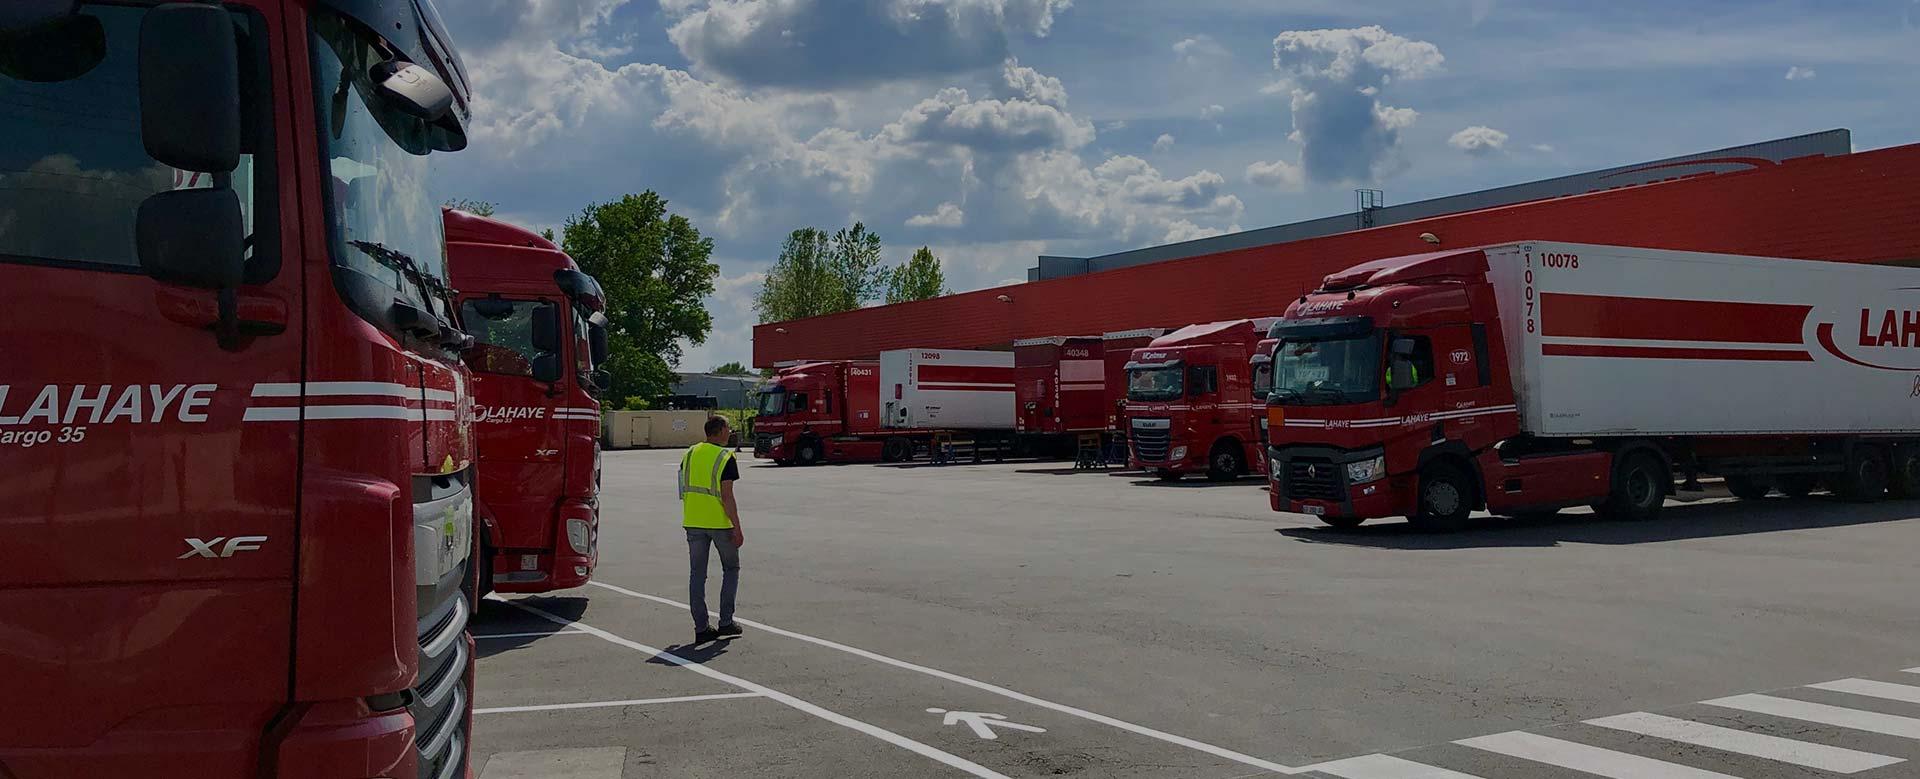 Lahaye Global Logistics Couverture Nous Rejoindre